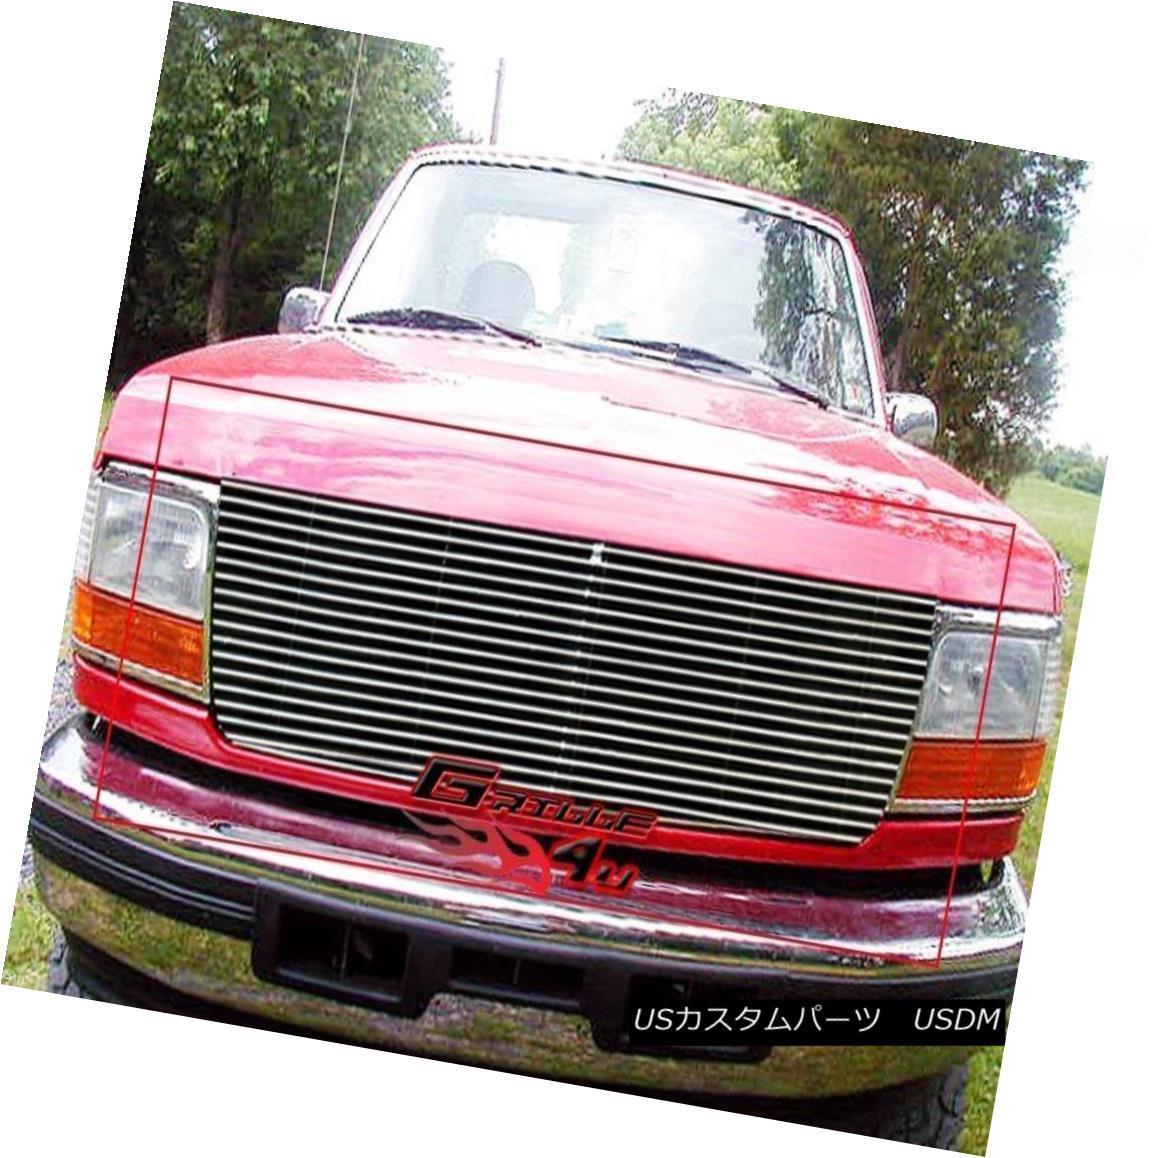 グリル Fits 92-96 Ford Bronco/ F-150/ F-250/ F-350 Main Upper Billet Grille フィット92-96フォードブロンコ/ F-150 / F-250 / F-350メインアッパービレットグリル